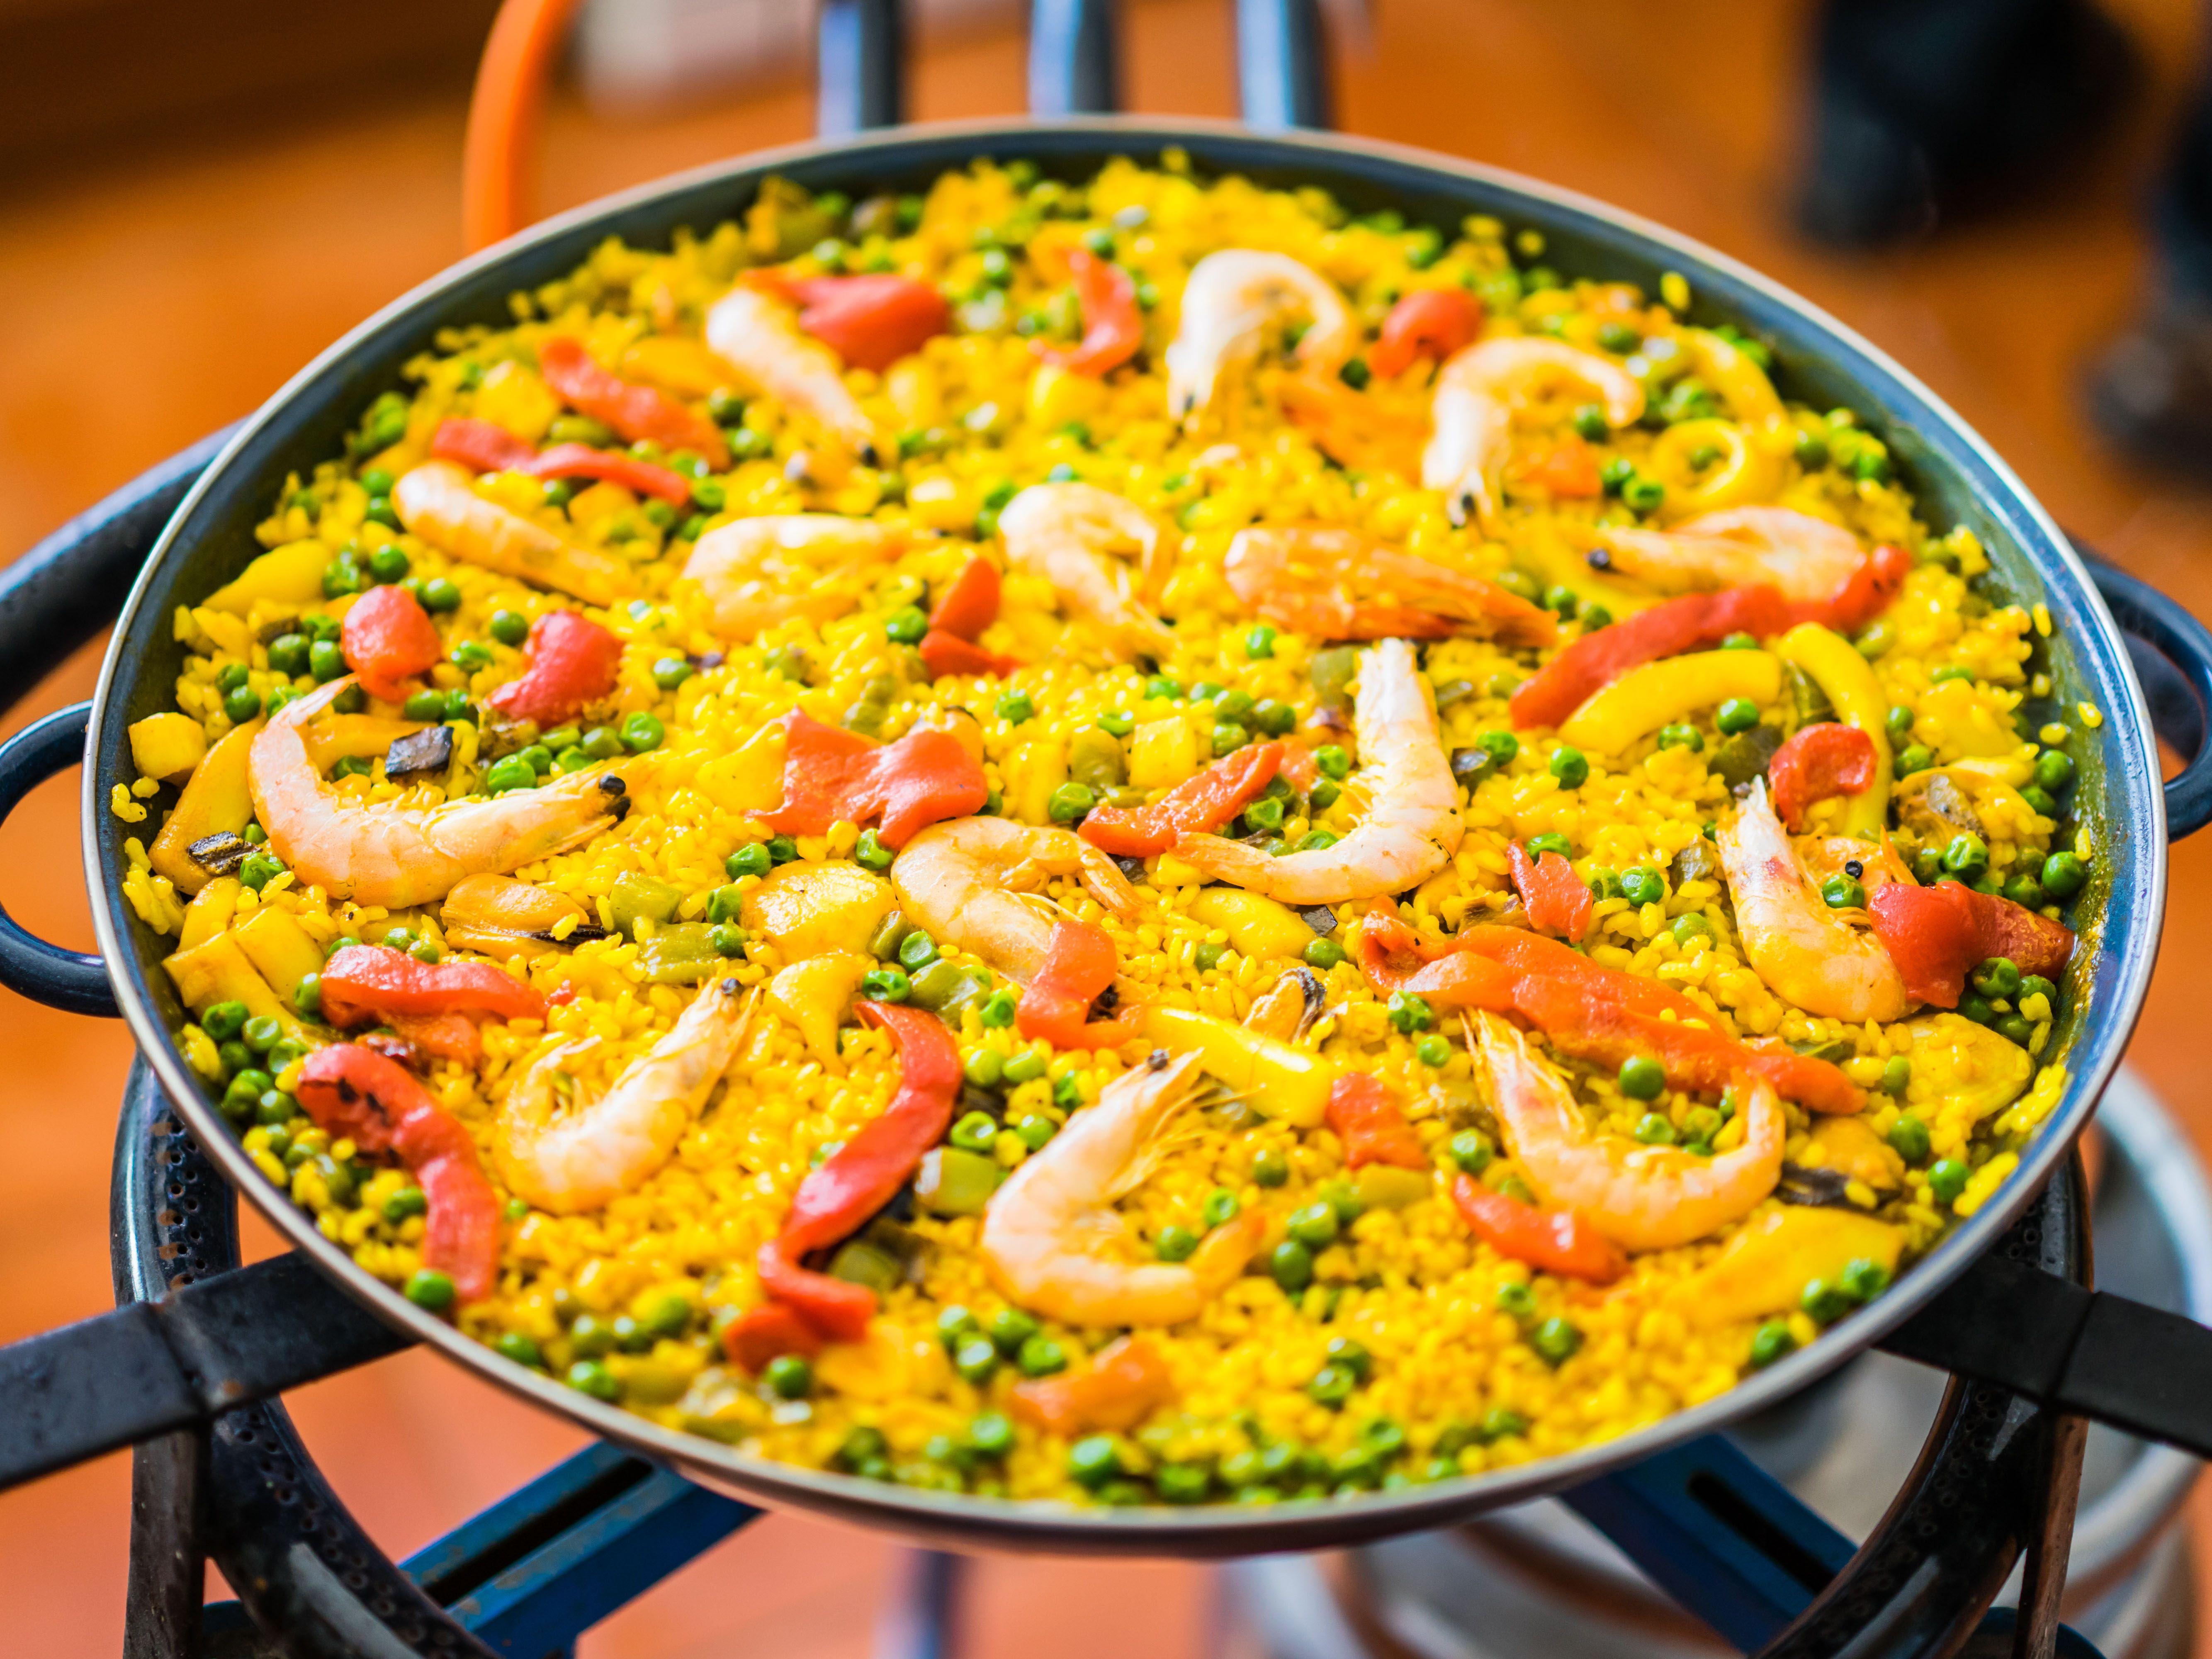 La paella est la sp cialit espagnole la plus connue - Recette de la paella espagnole ...